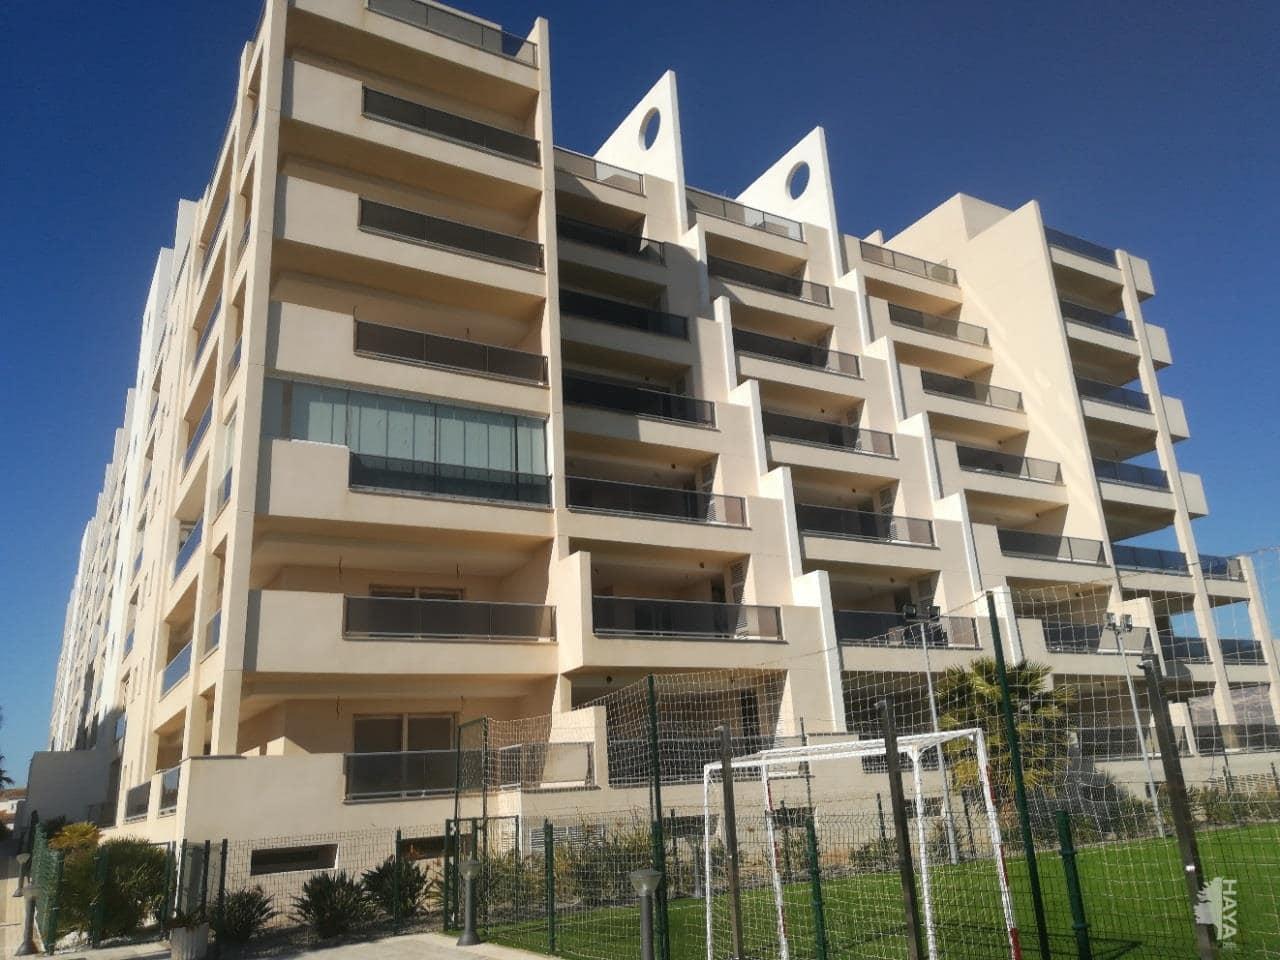 Piso en venta en Roquetas de Mar, Almería, Calle Santa Marta, 332.602 €, 3 habitaciones, 2 baños, 85 m2